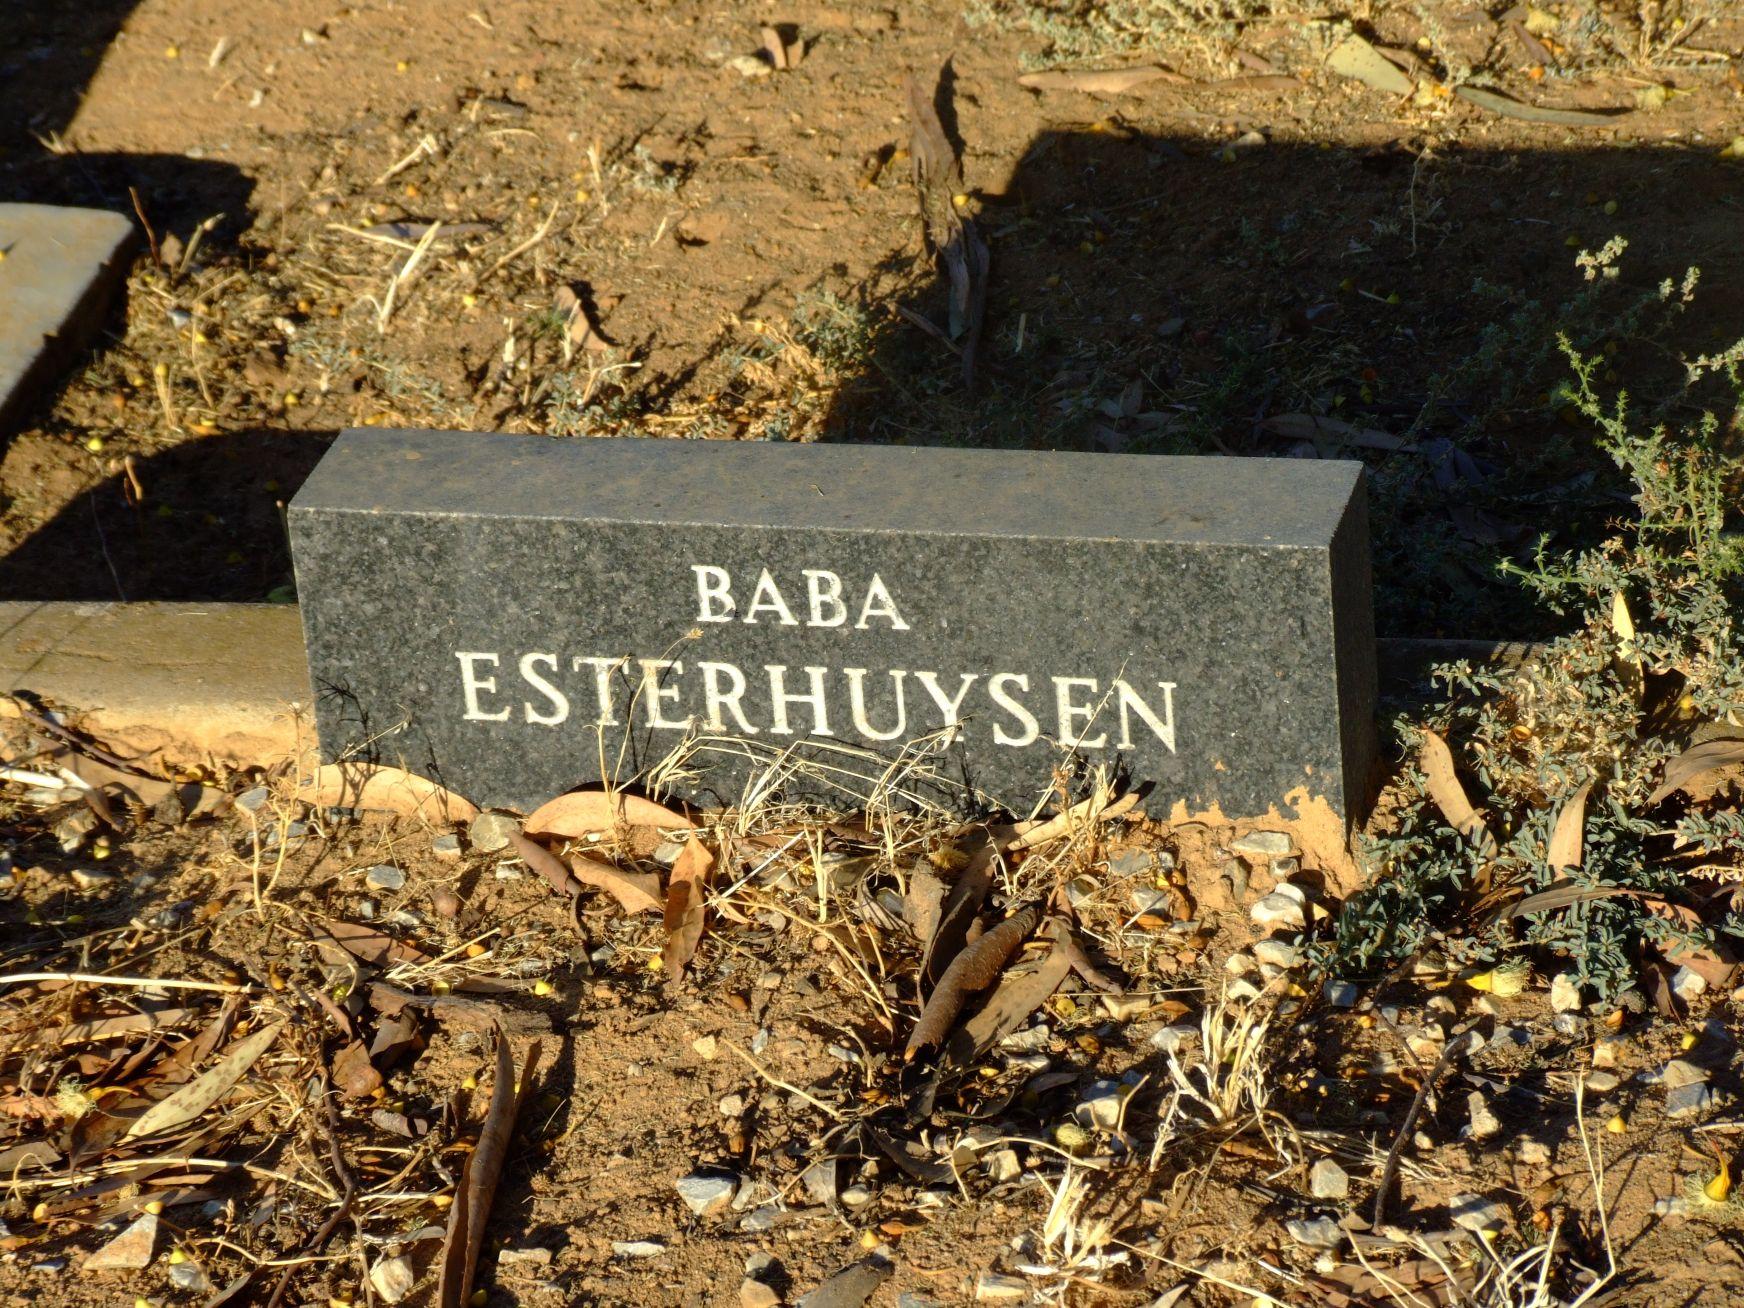 Esterhuysen, Baba